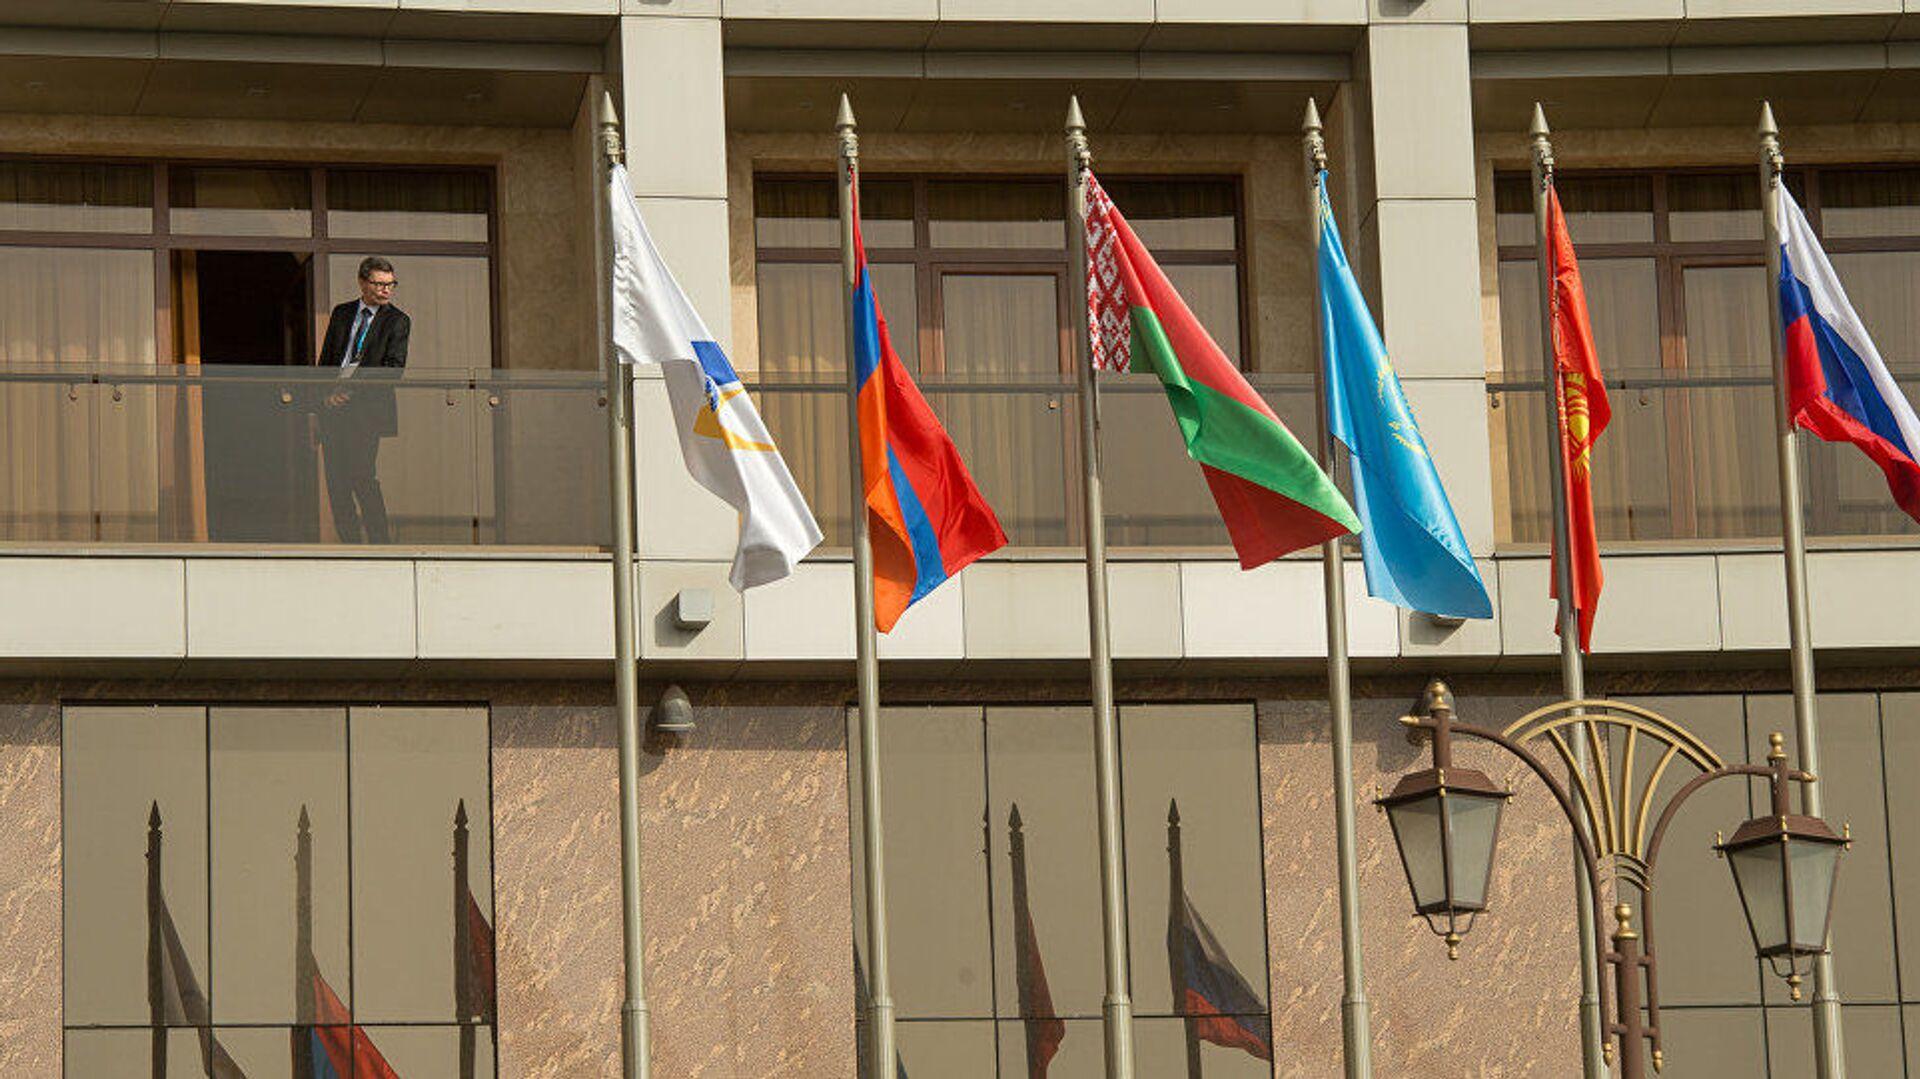 Саммит ЕАЭС: флаги стран-участниц - Sputnik Беларусь, 1920, 20.09.2021